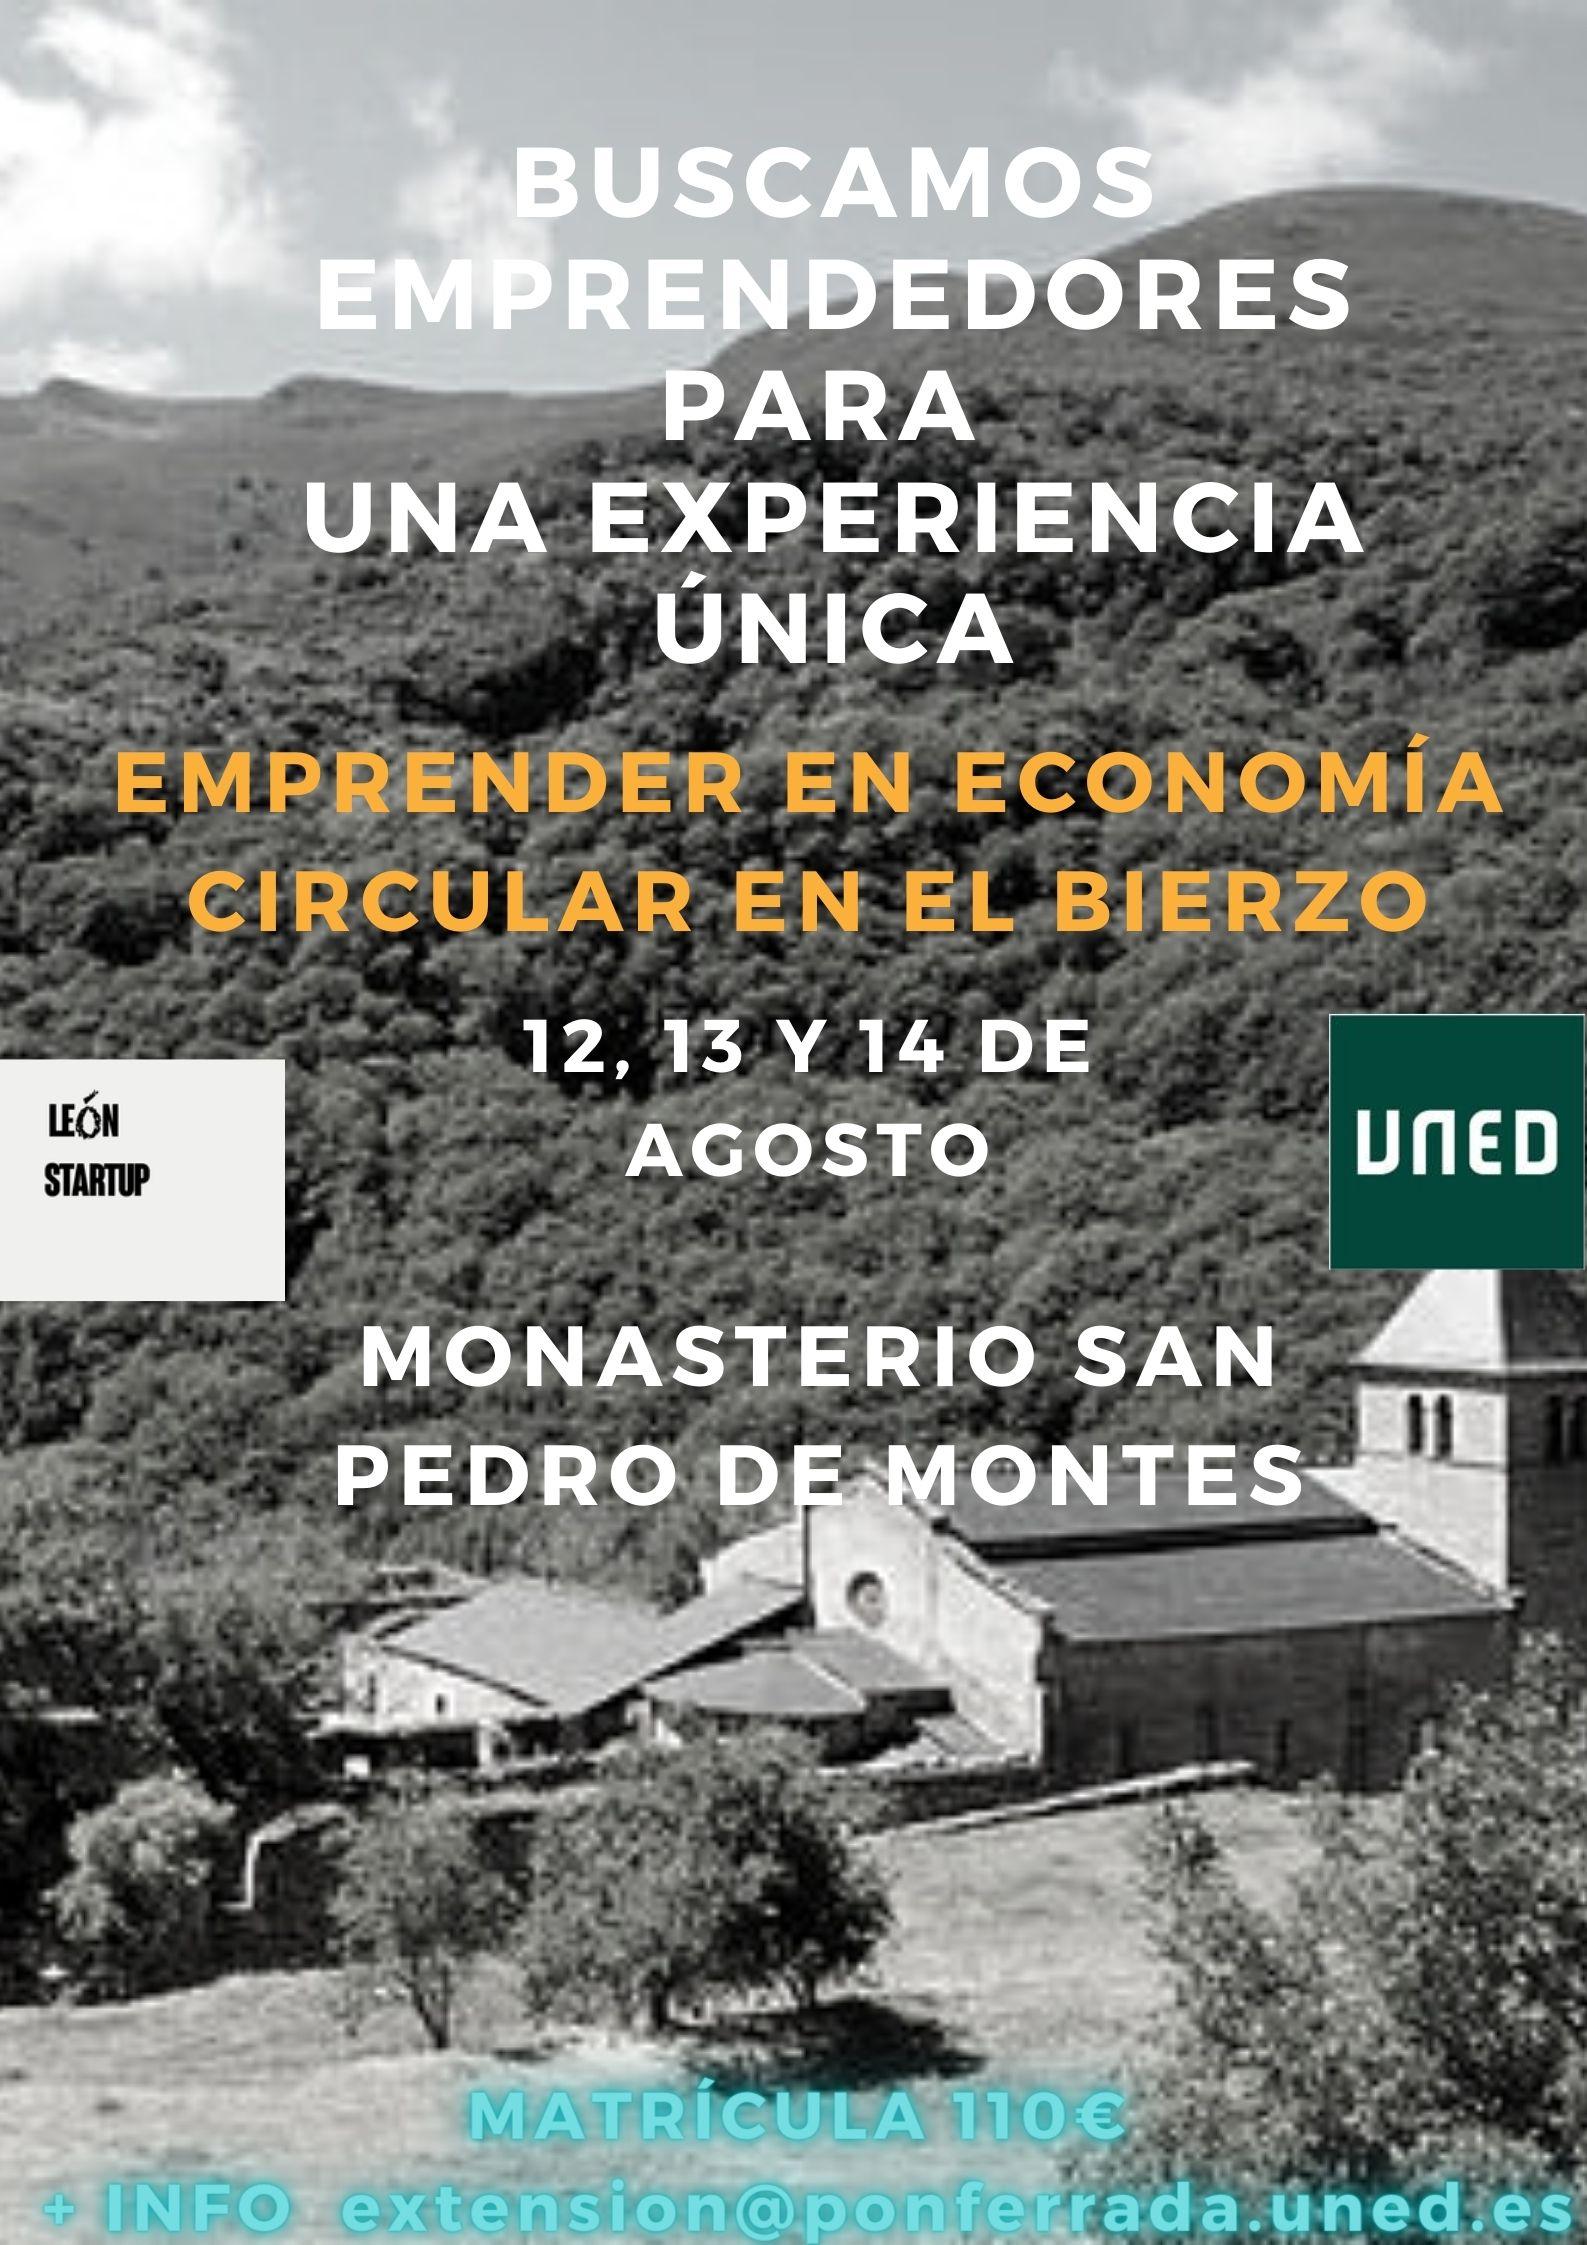 UNED Y León Startup lanzan en agosto un taller para emprender en economía circular en el Bierzo 3